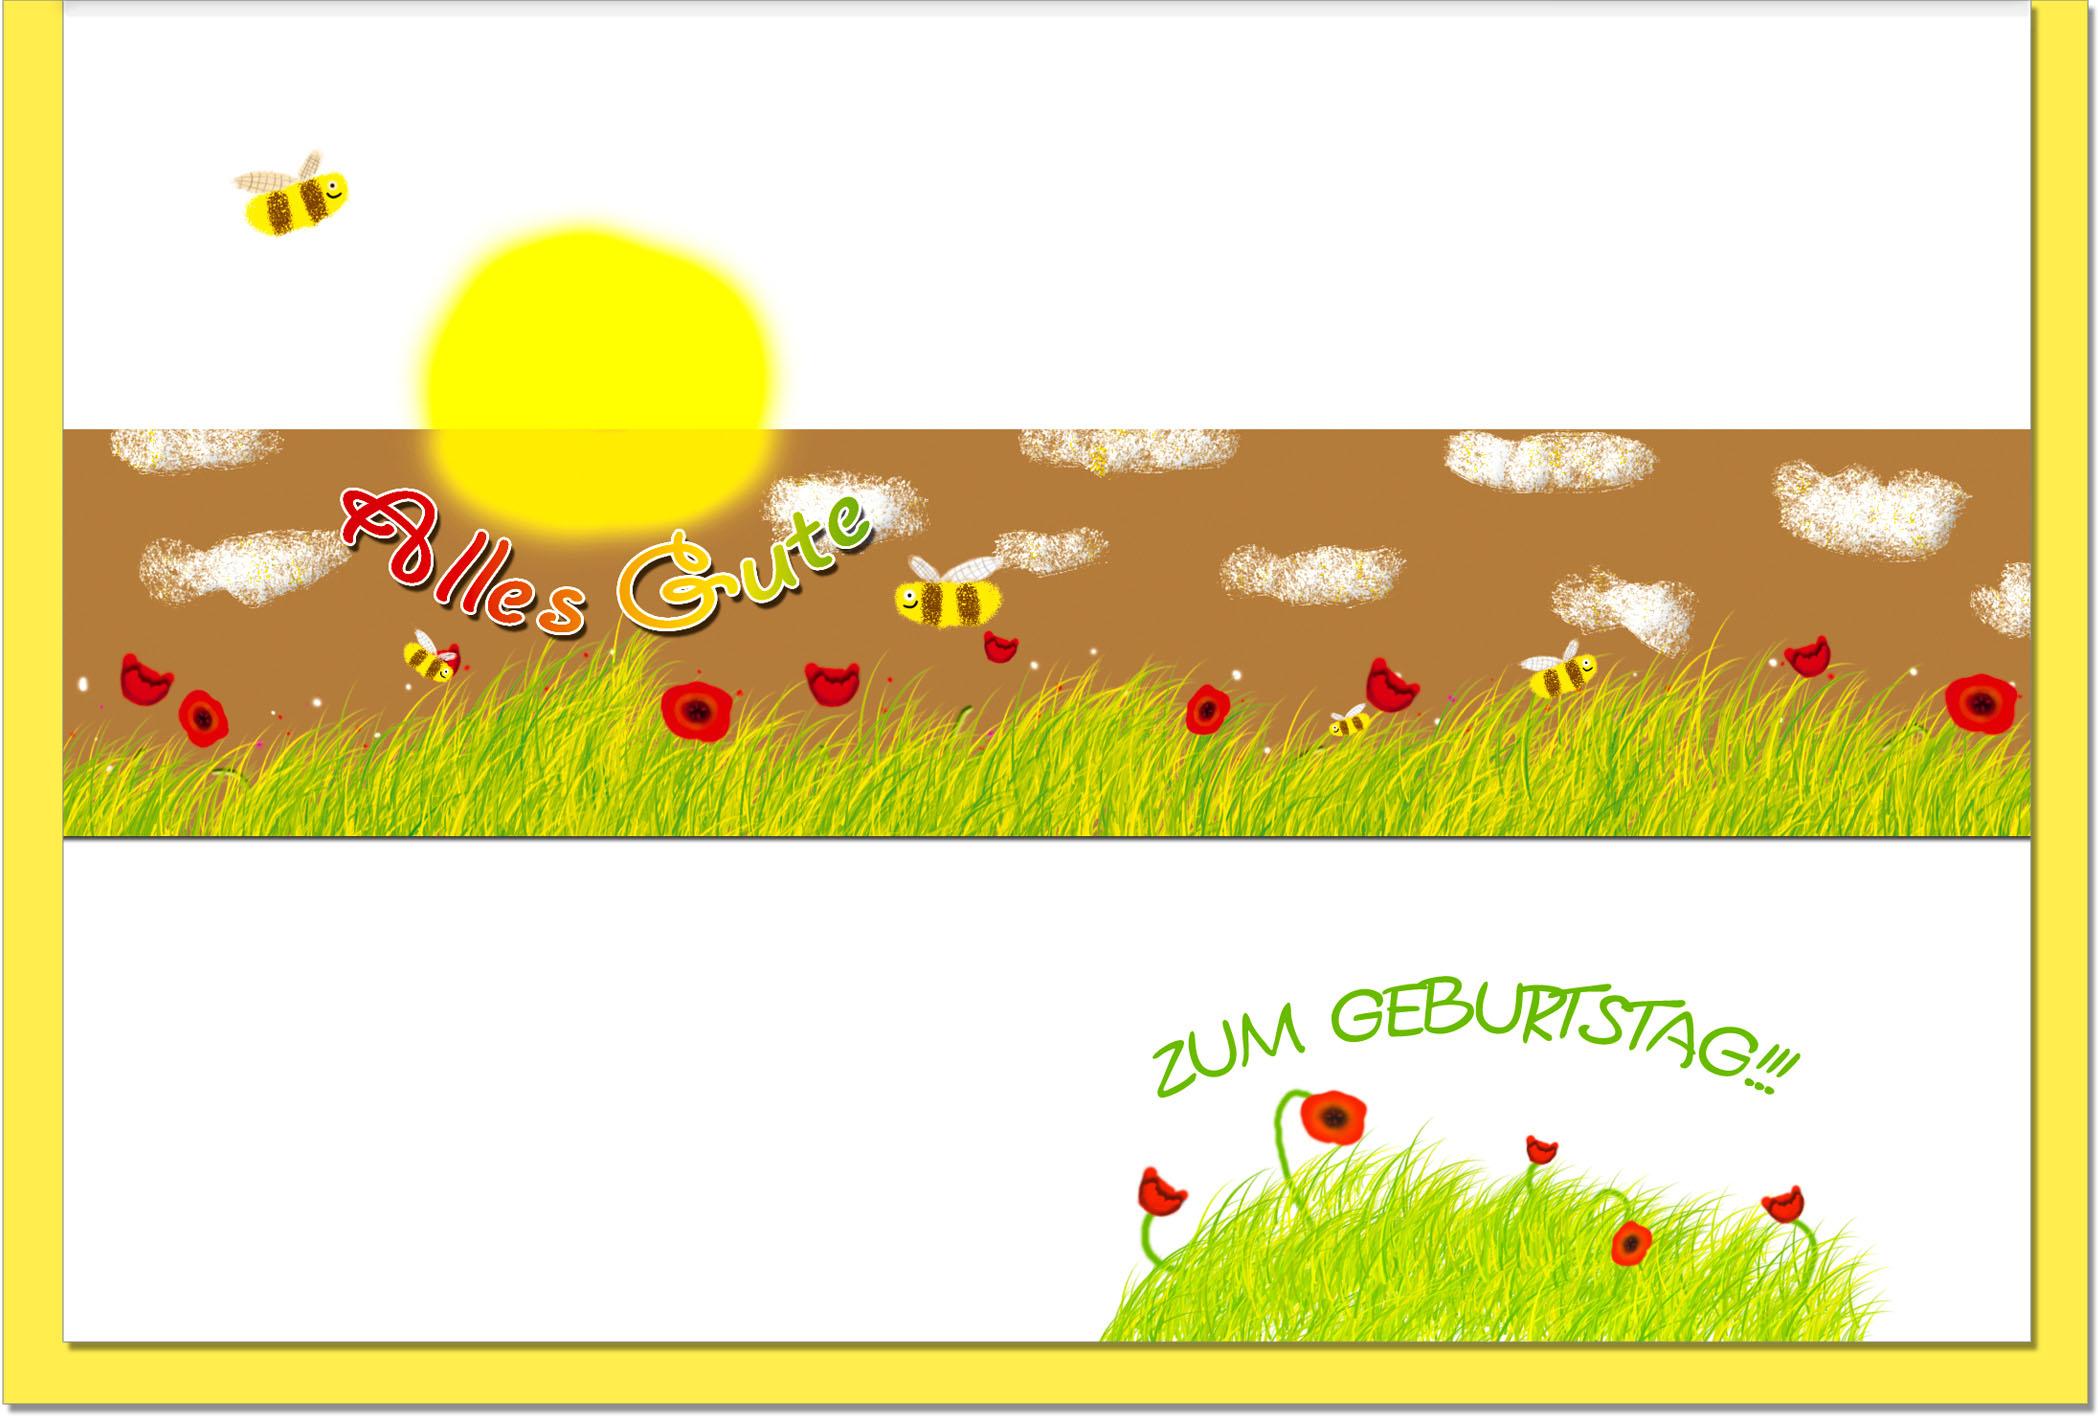 Geburtstagskarten / Grußkarten /Geburtstag Blumenwiese